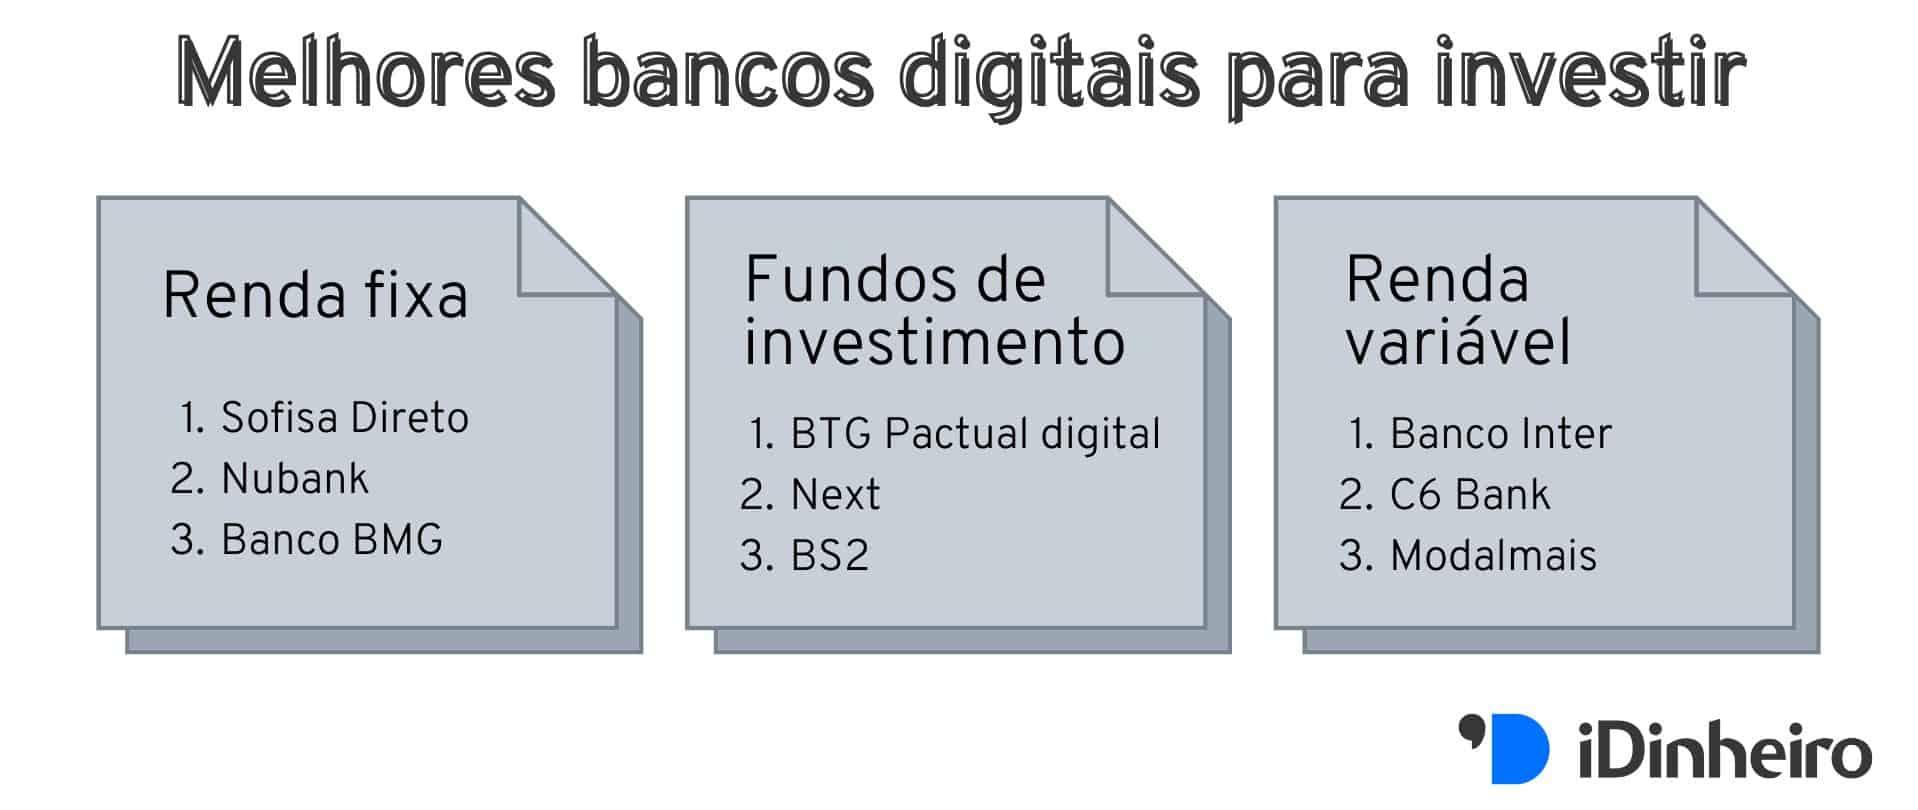 ranking dos melhores bancos digitais para investir em renda fixa, fundos de investimento e renda variável